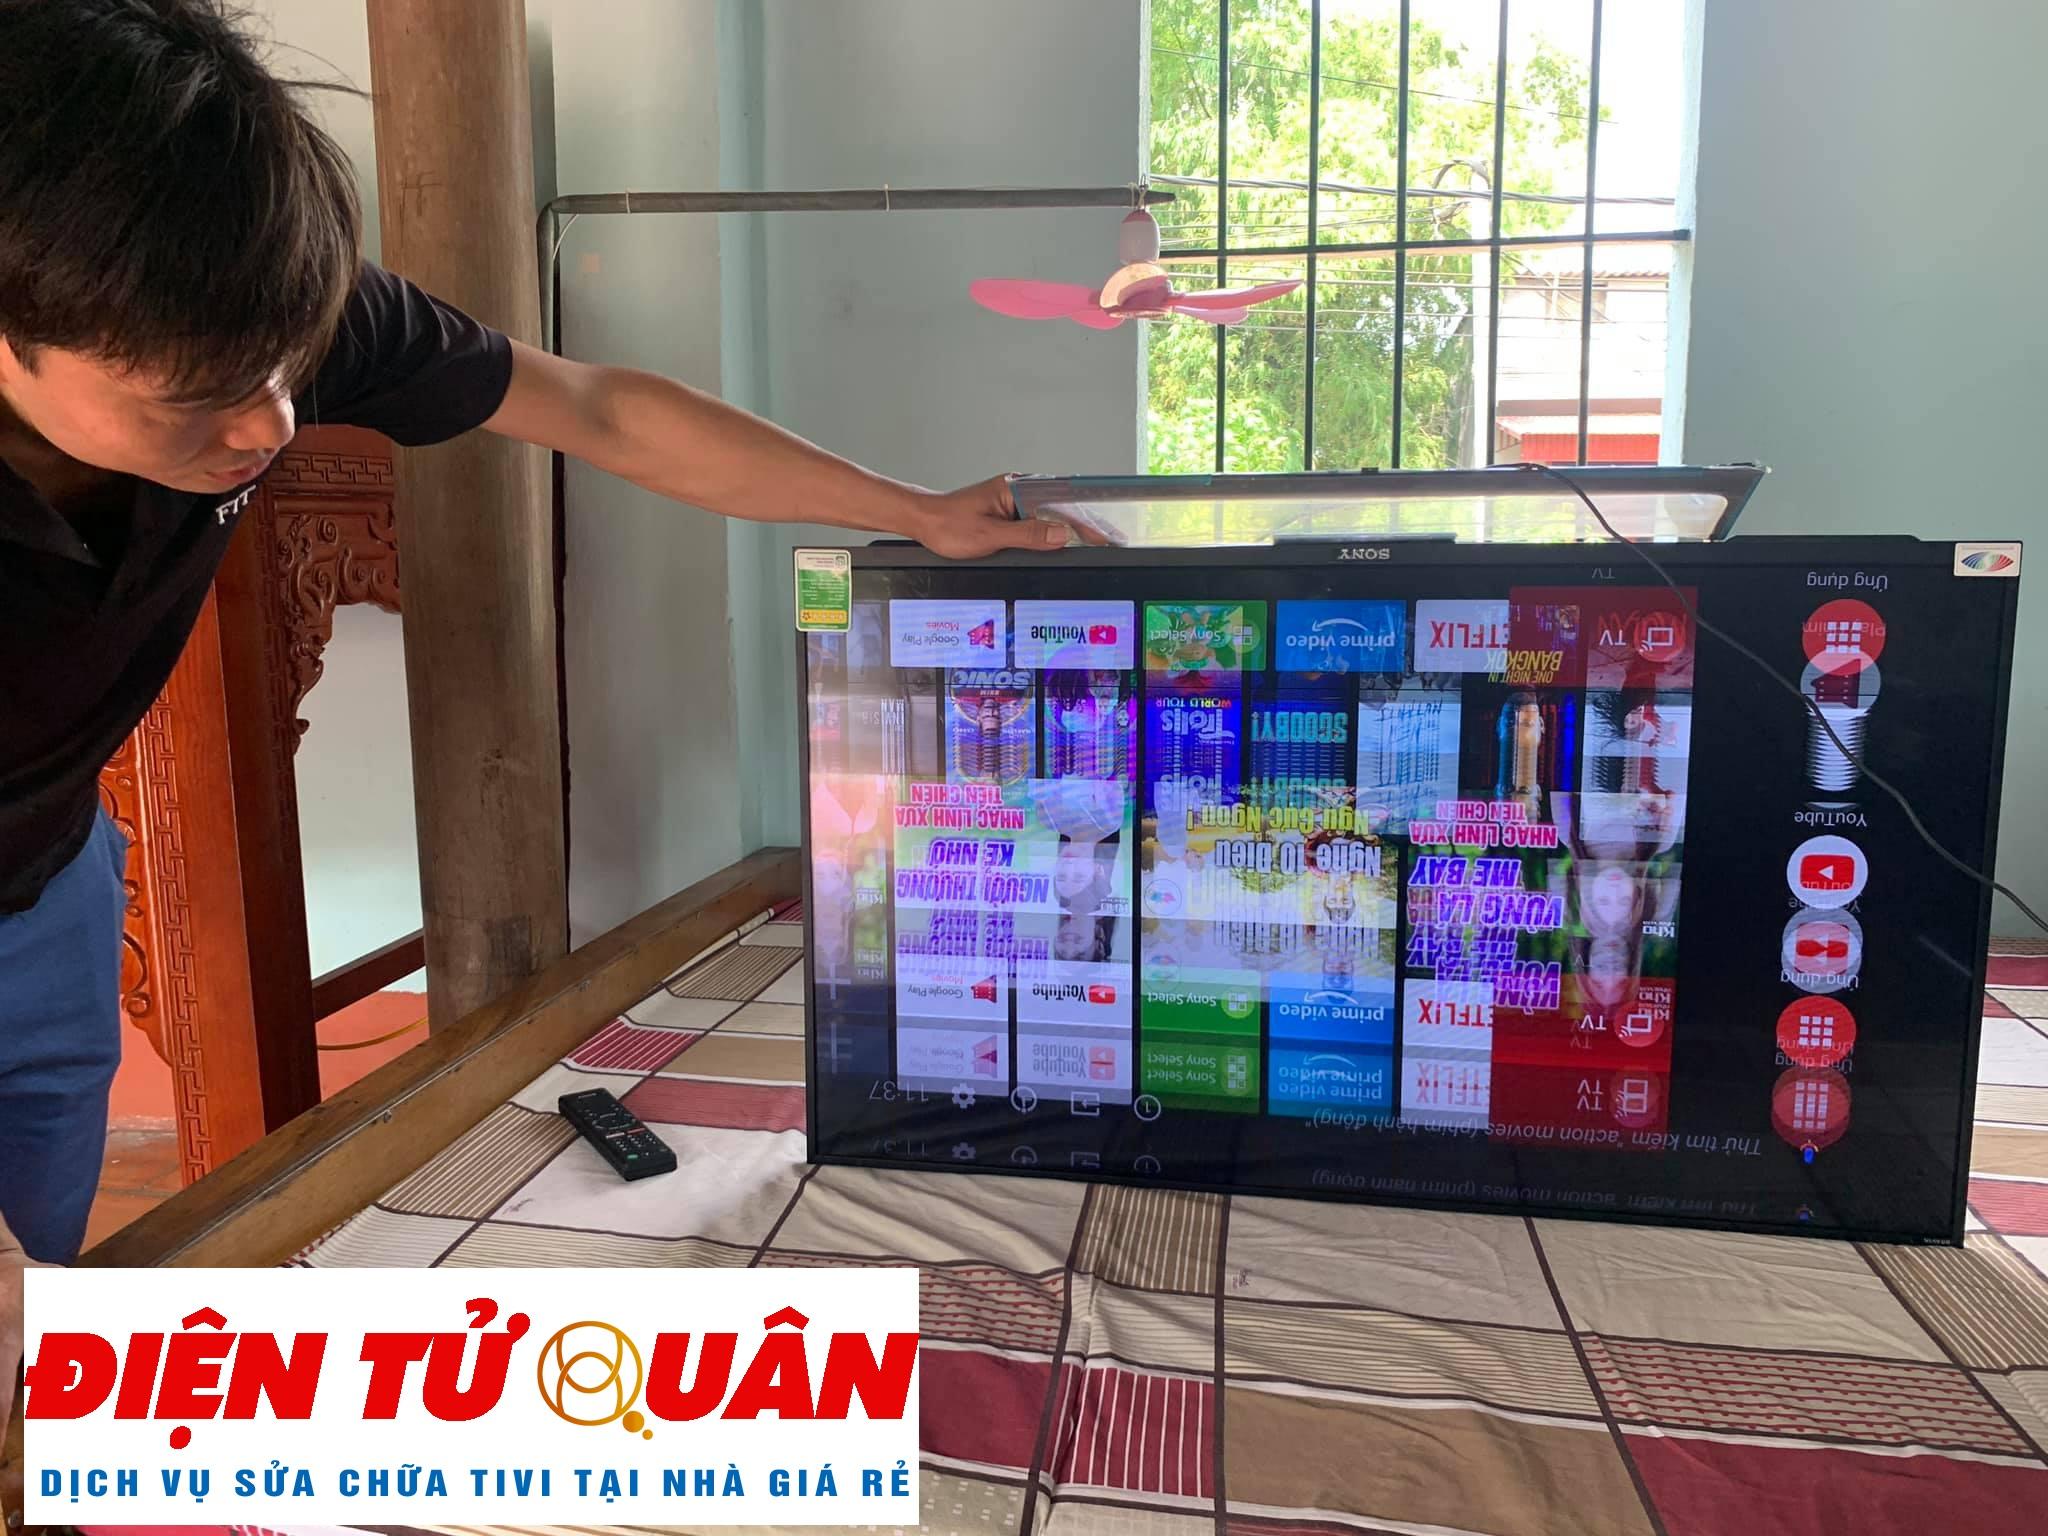 Dịch Vụ Sửa Tivi Samsung Tại Nhà Quận Phú Nhuận Giá Rẻ